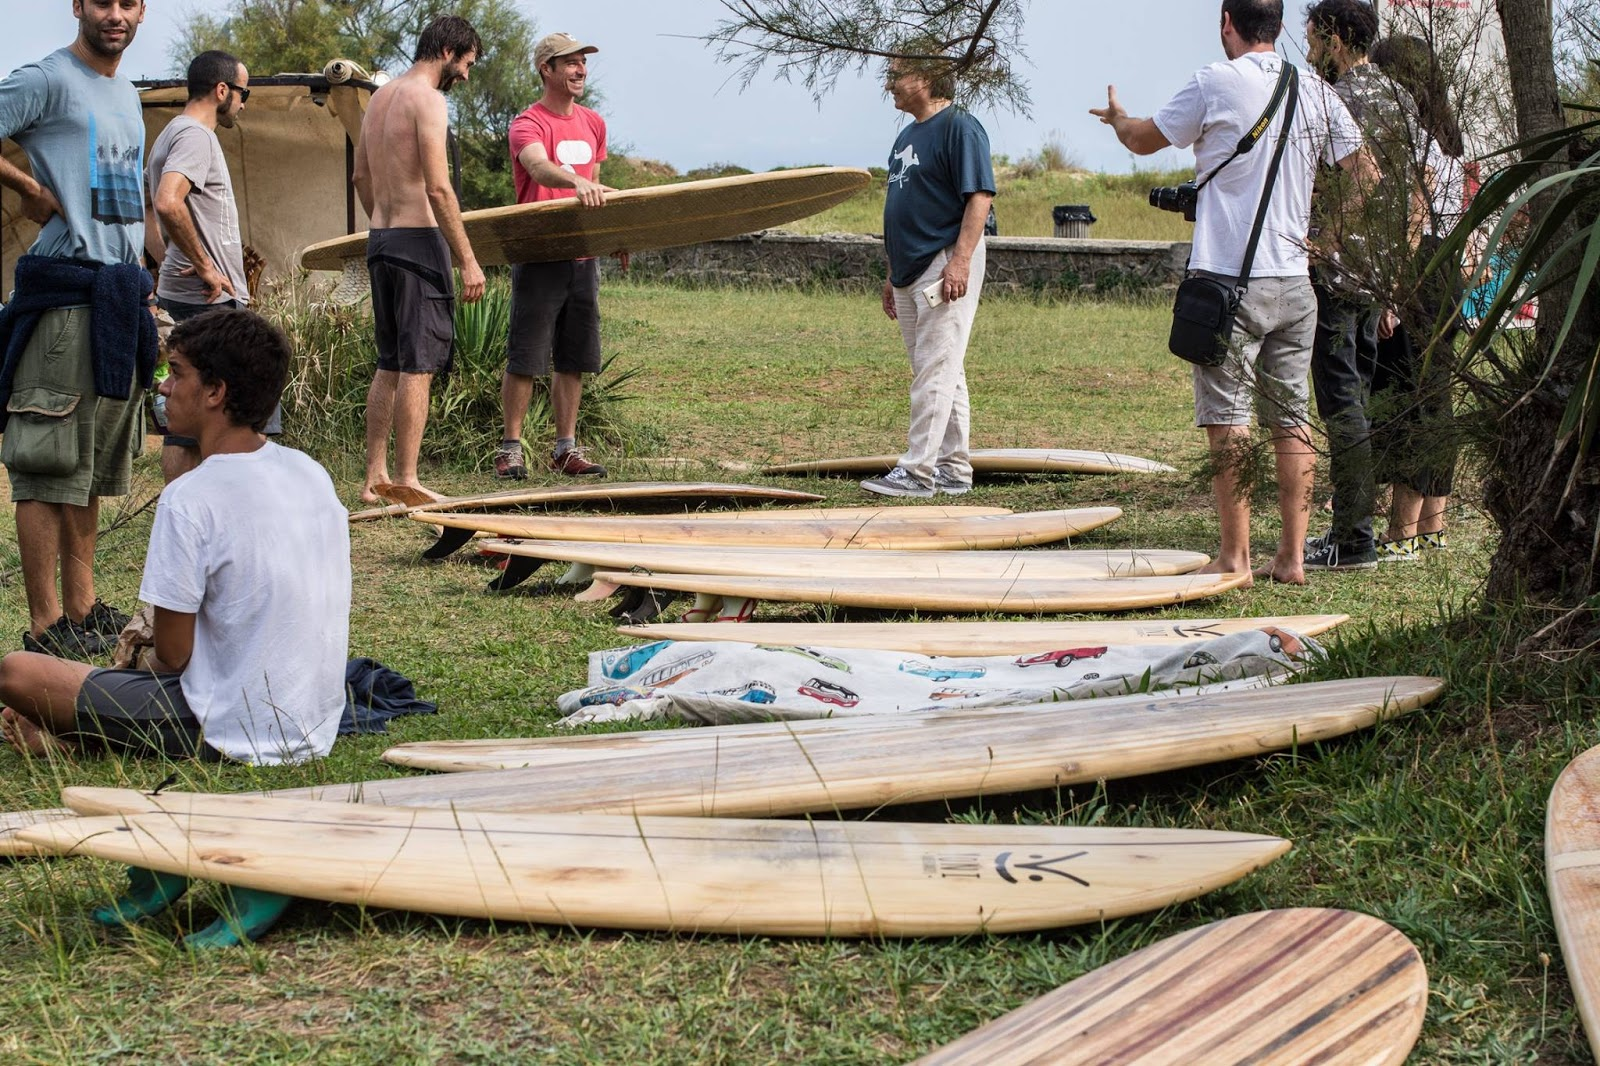 berria surf meet wood 02